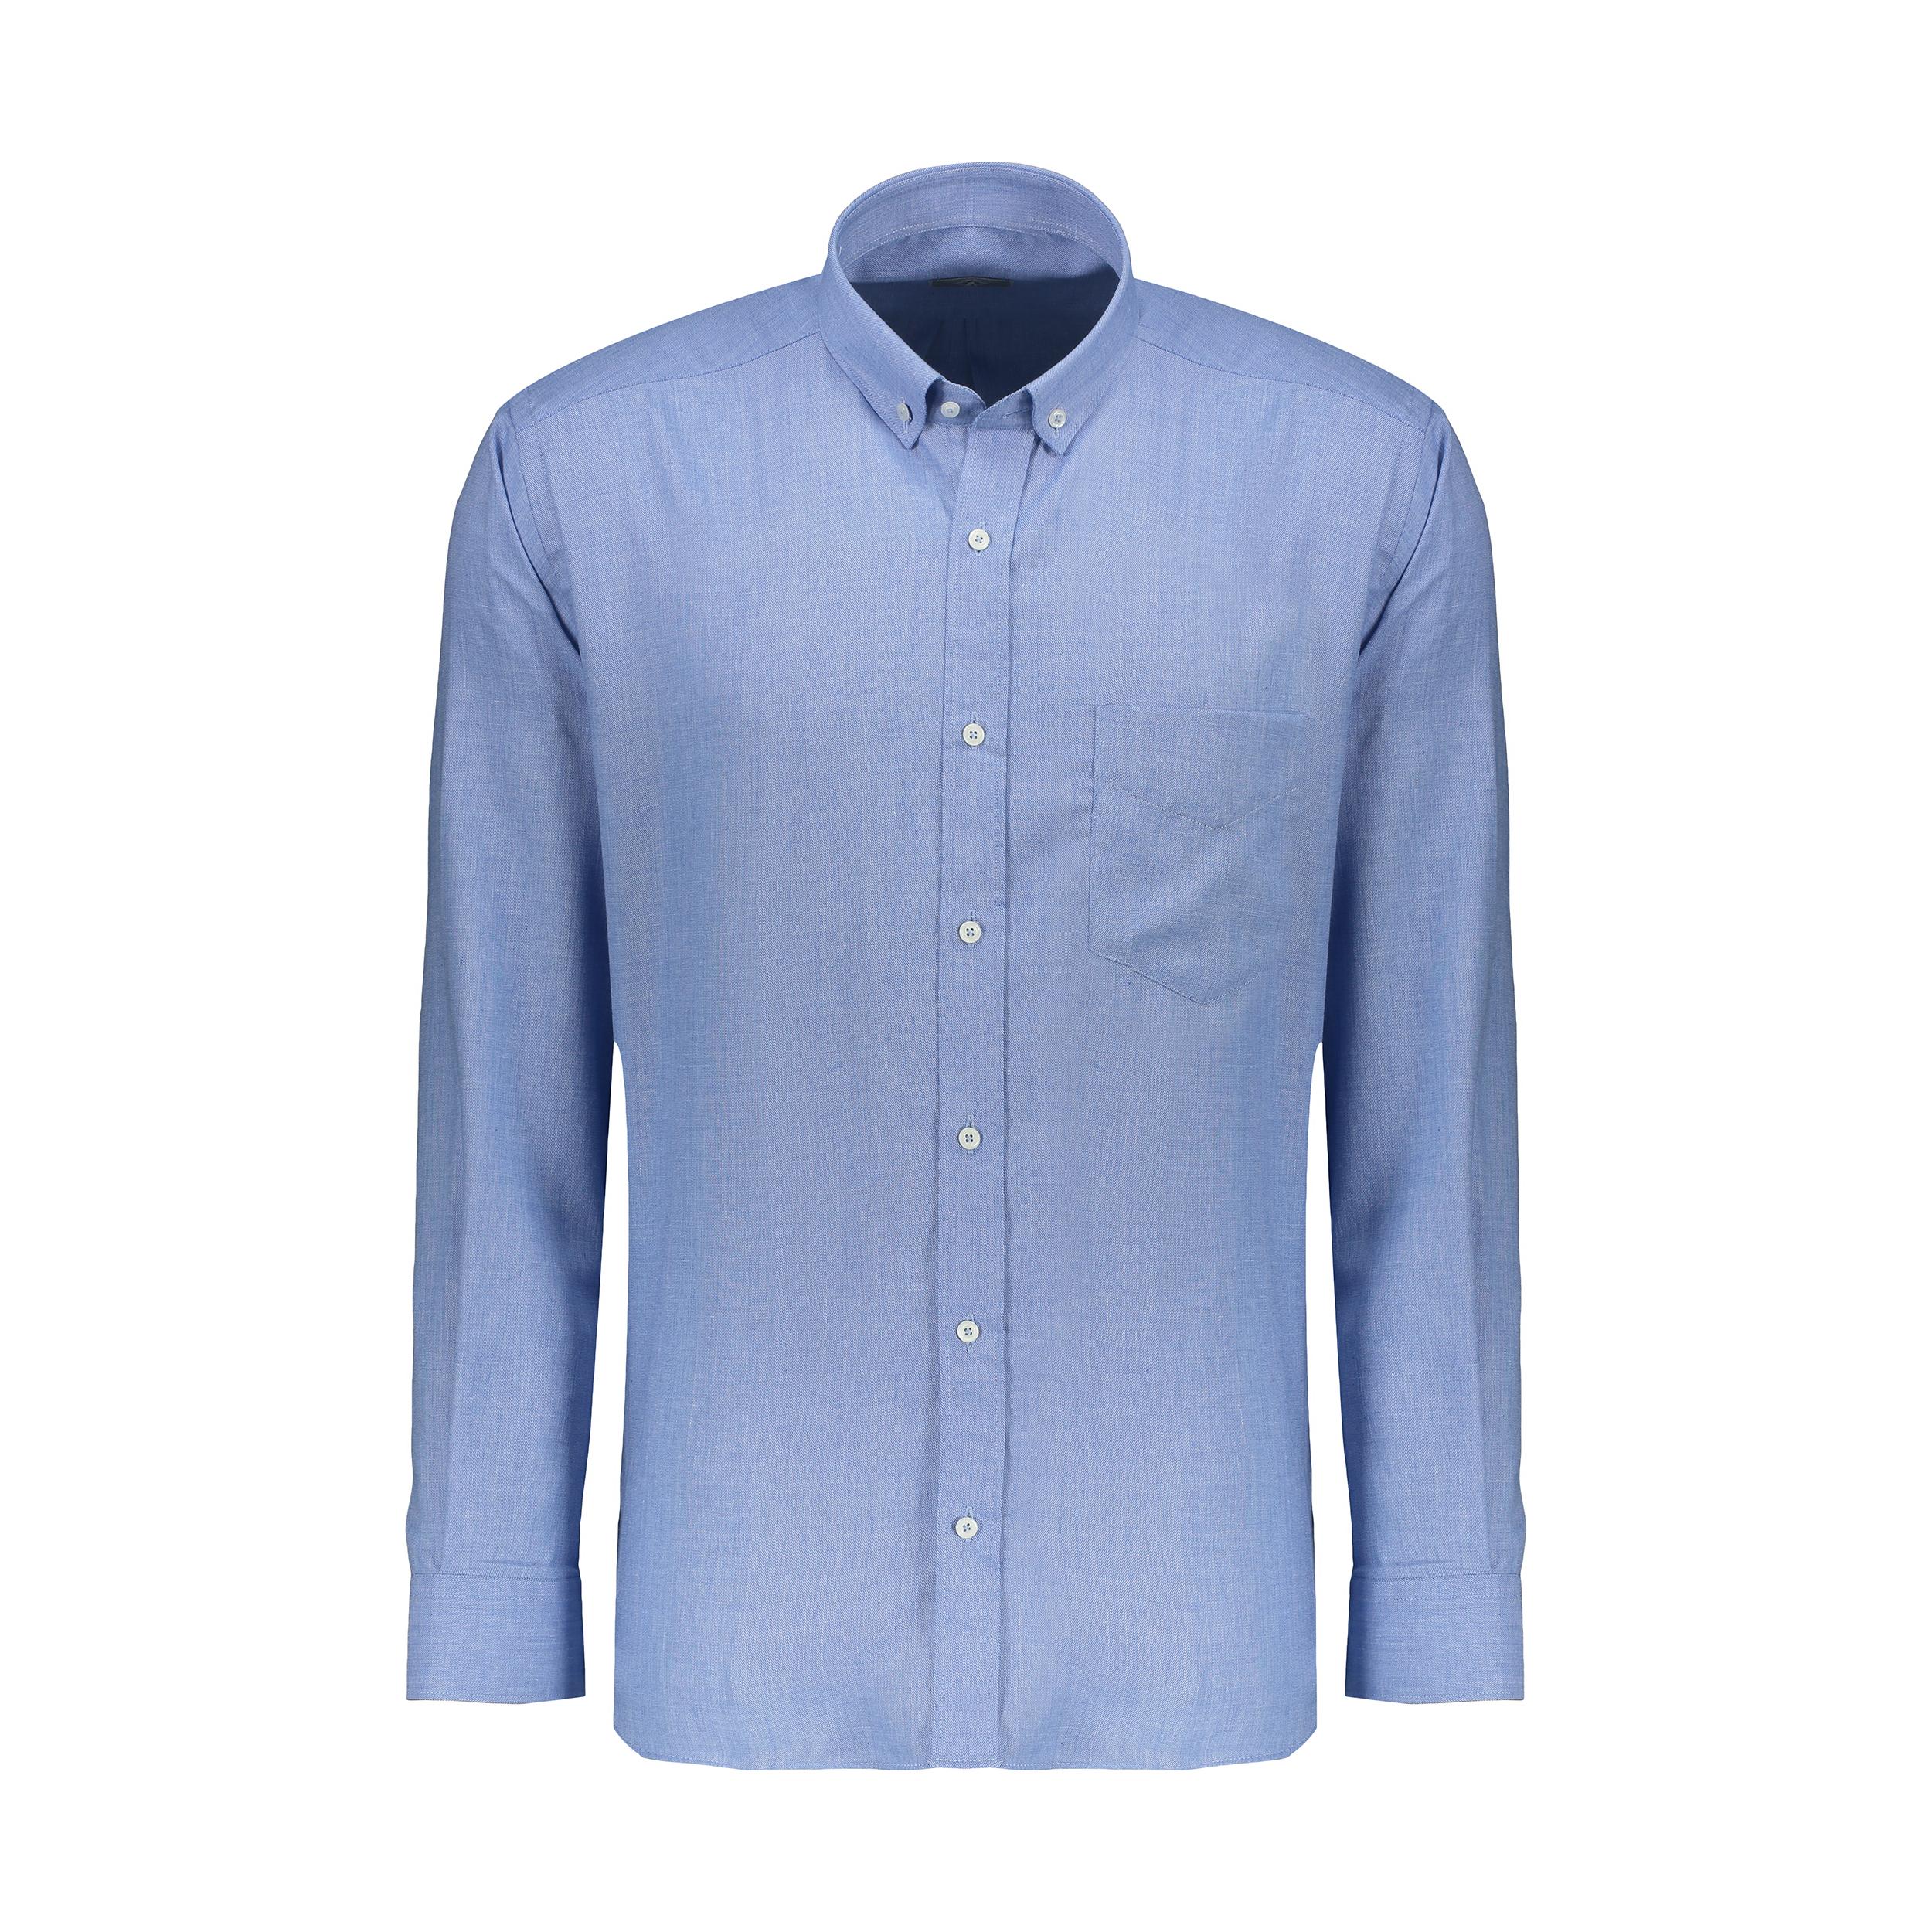 پیراهن آستین بلند مردانه زی مدل 153140558